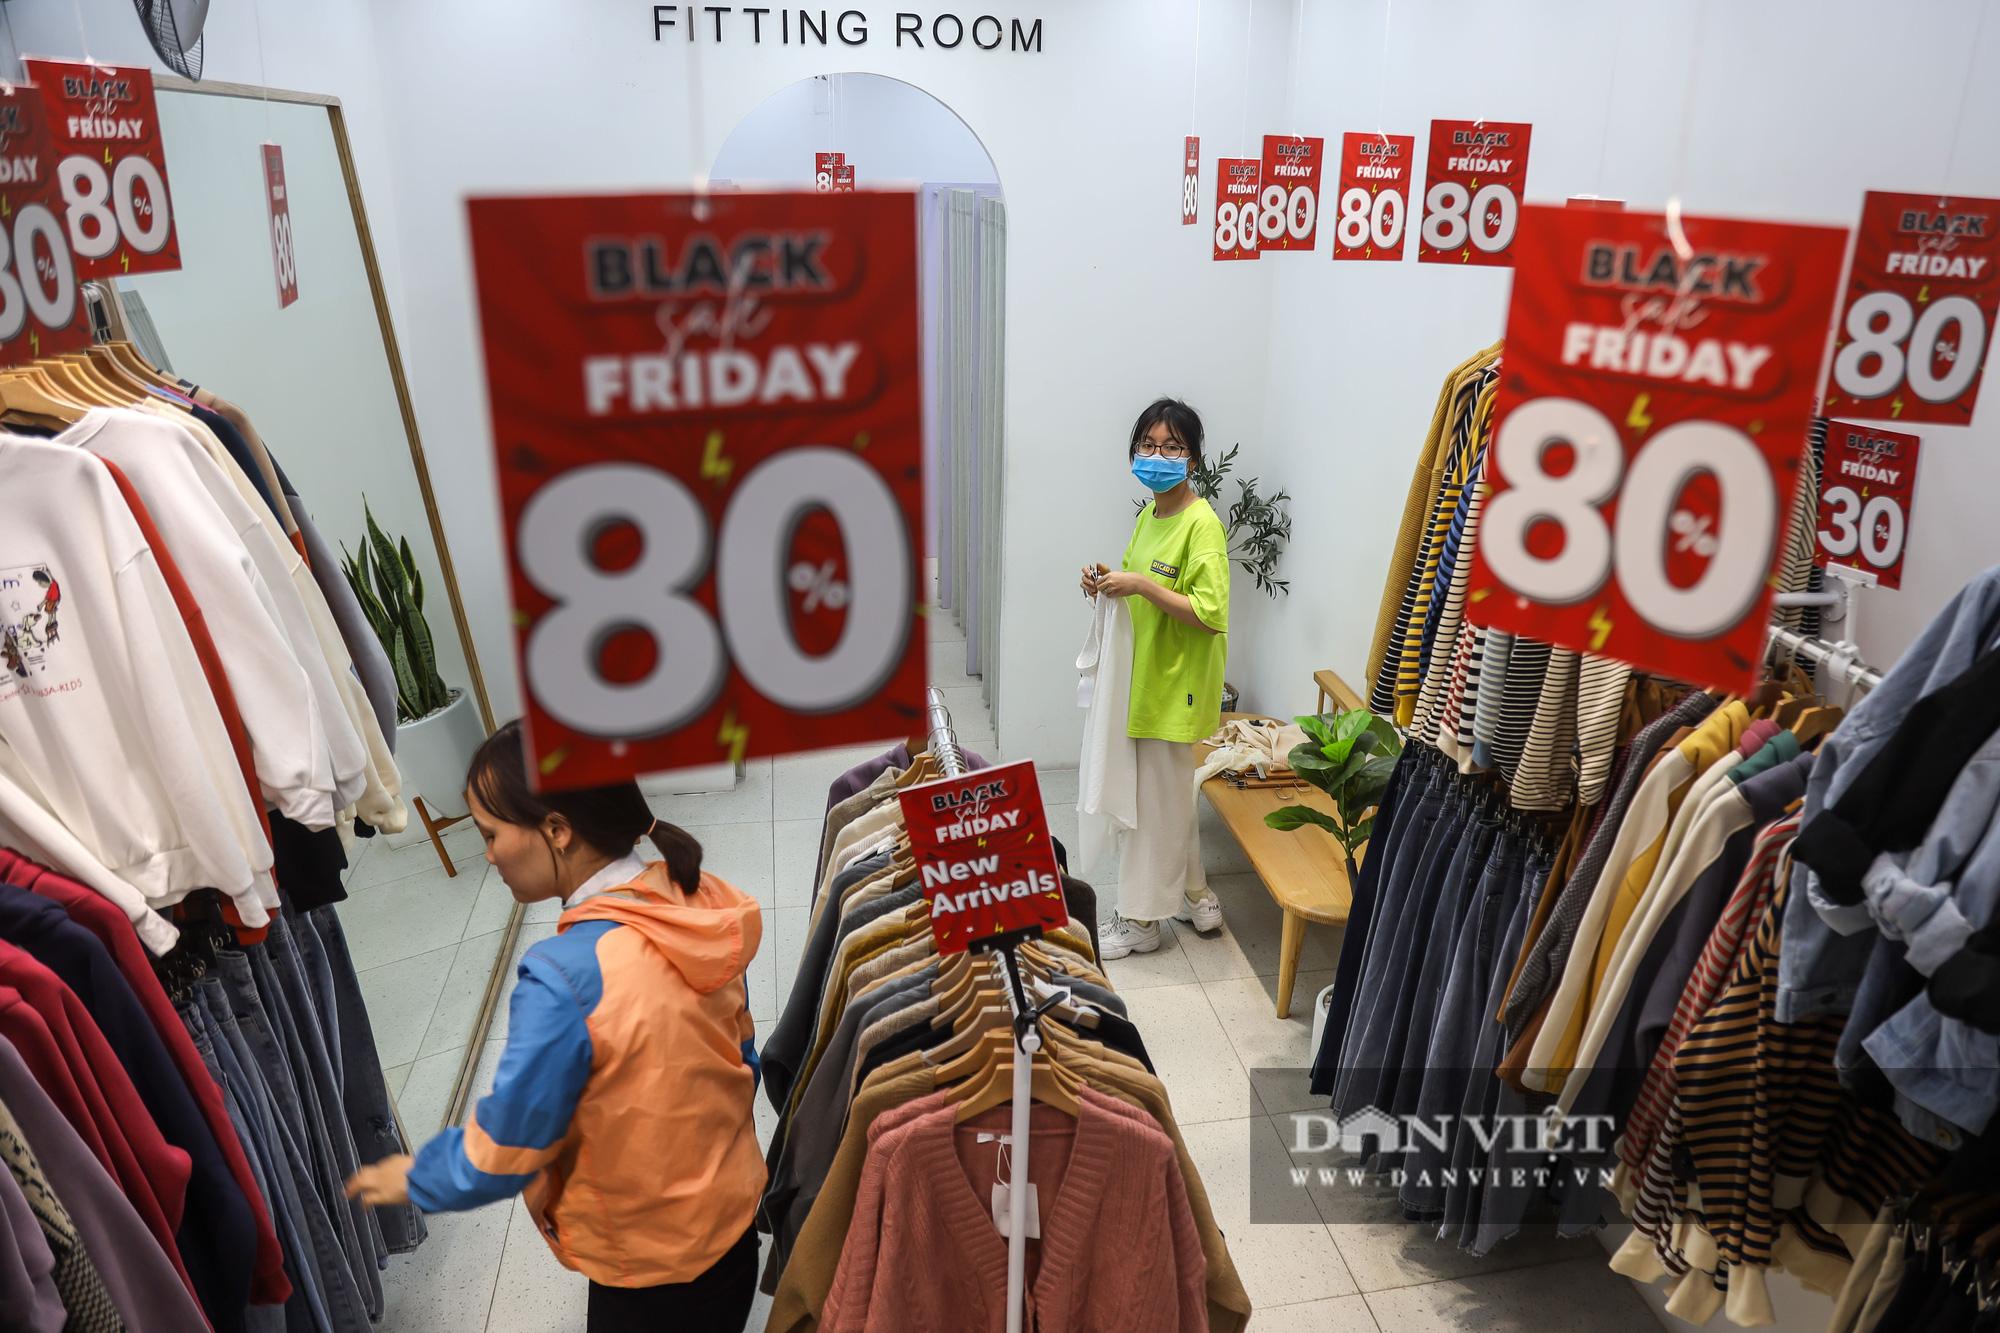 Phố thời trang Hà Nội rợp biển giảm giá 80% dù chưa đến Black Friday - Ảnh 8.